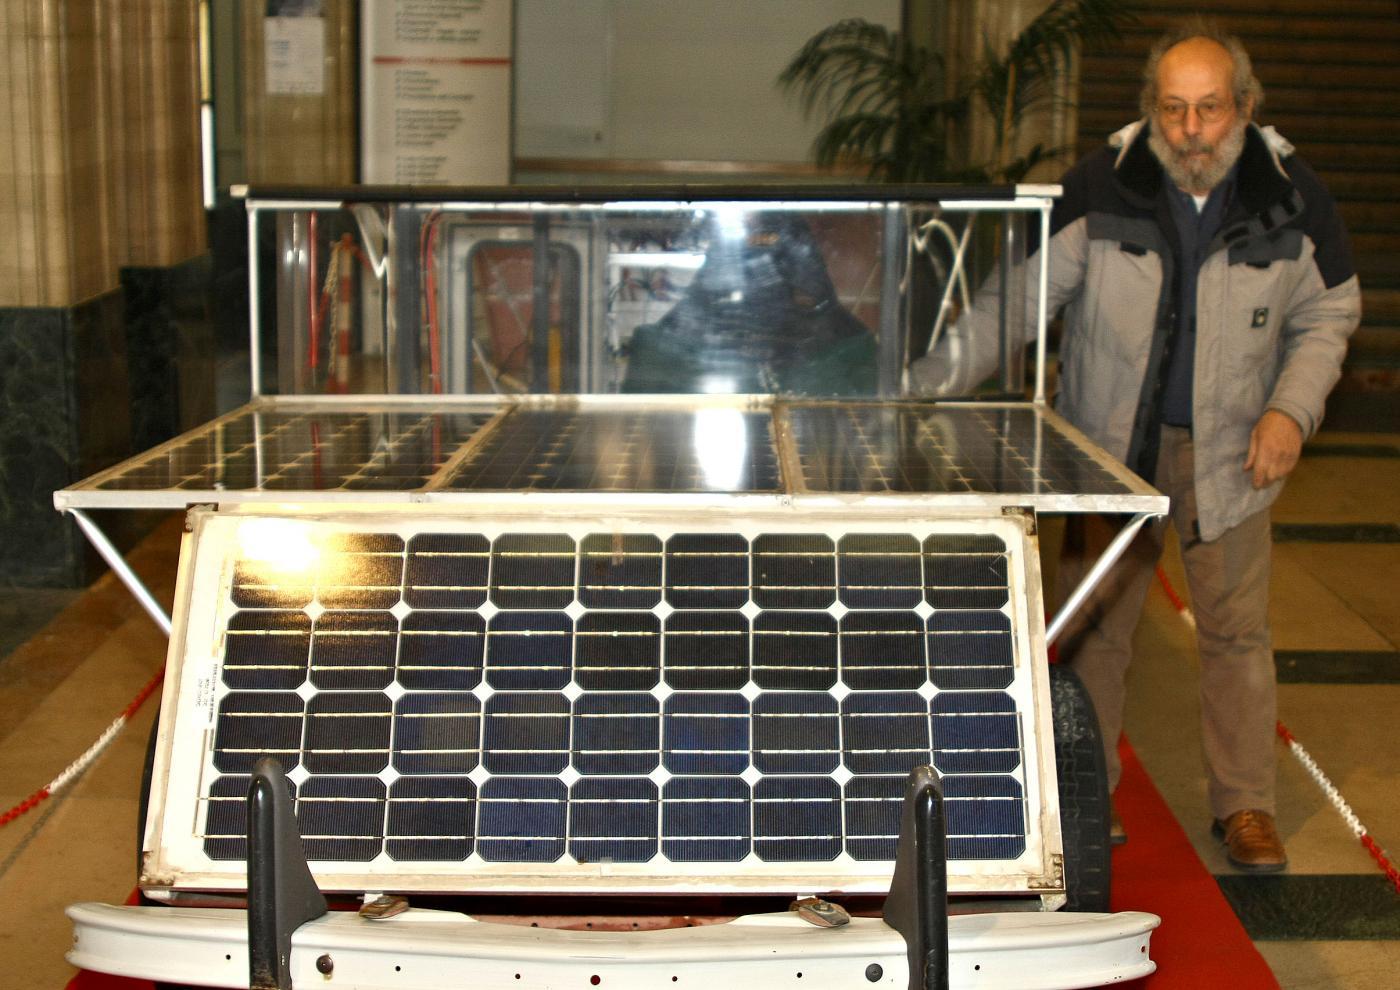 """La vettura elettrica studiata dal professor Giampiero Suetta presidente del """"Solar Technology  Group per la ricerca sul fotovoltaico"""